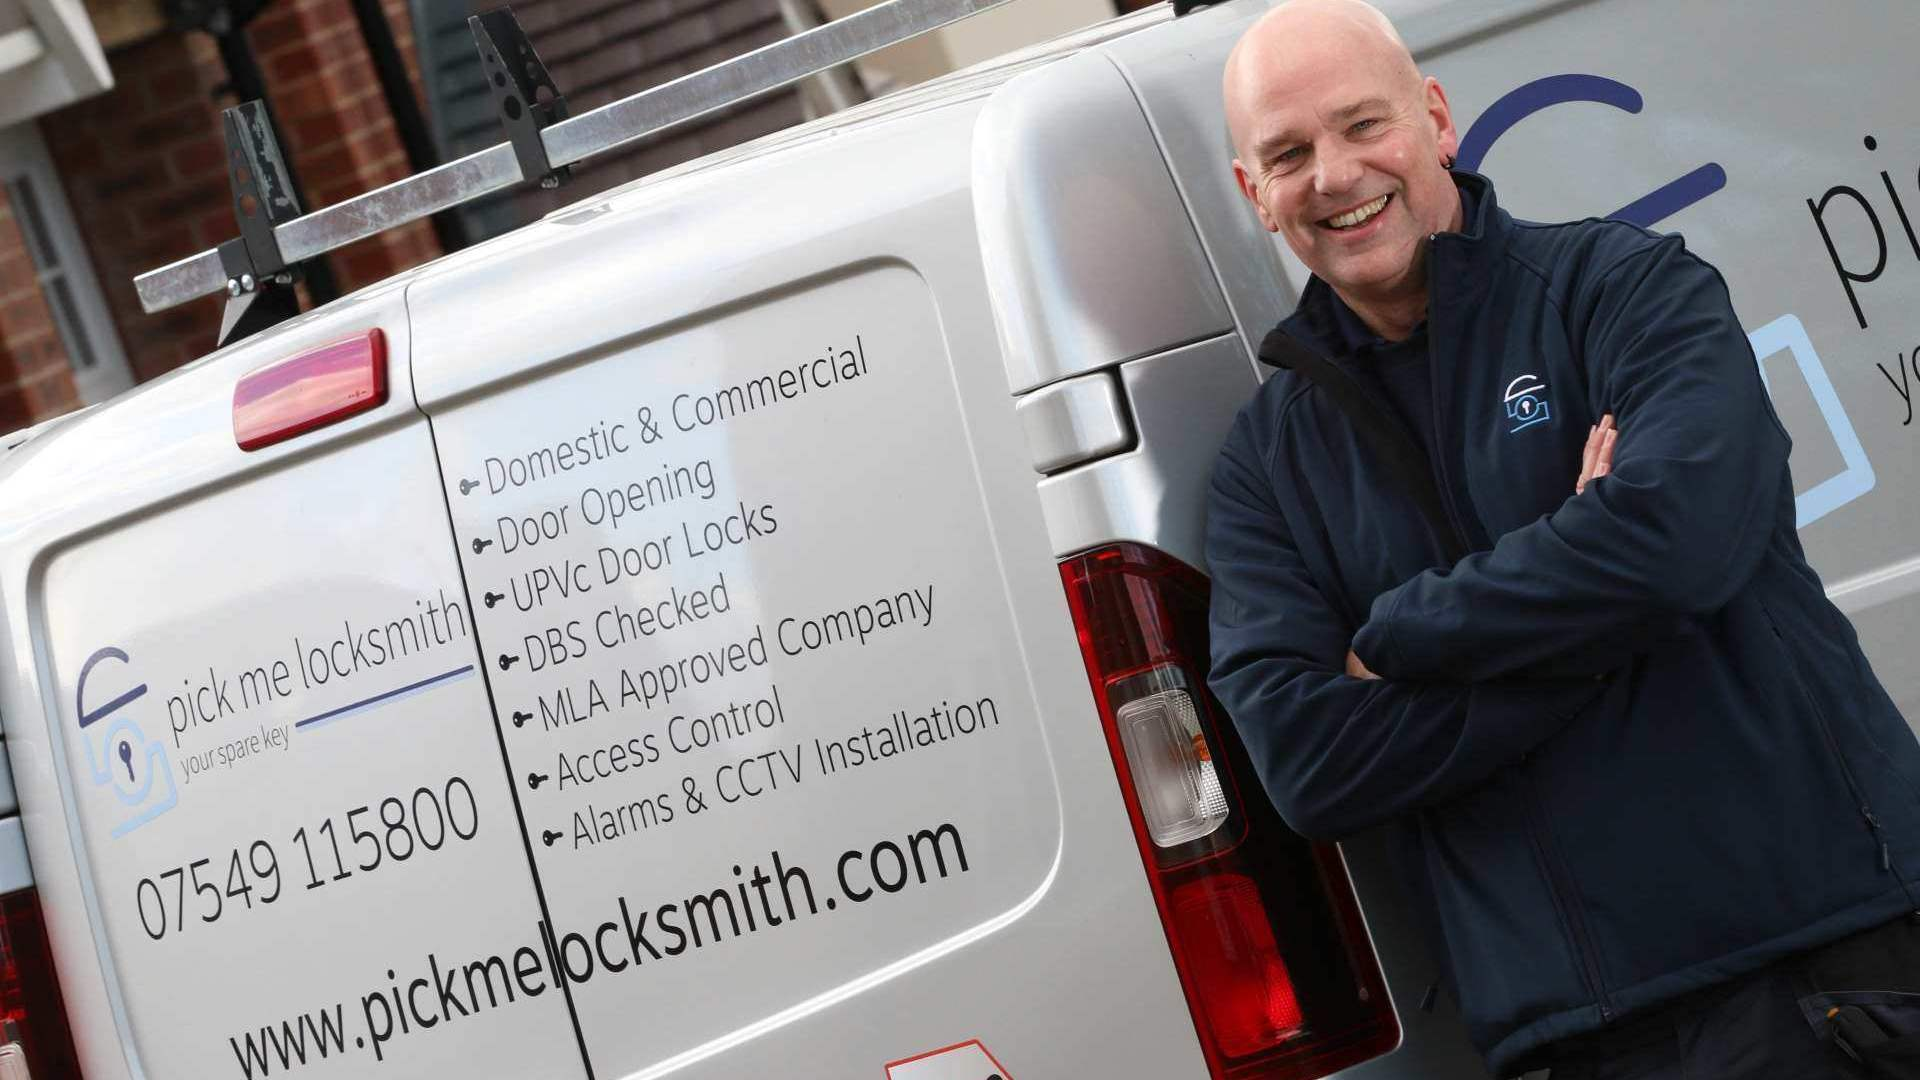 Locksmith Lichfield - Steve Brown Locksmith in Lichfield by his Locksmiths van